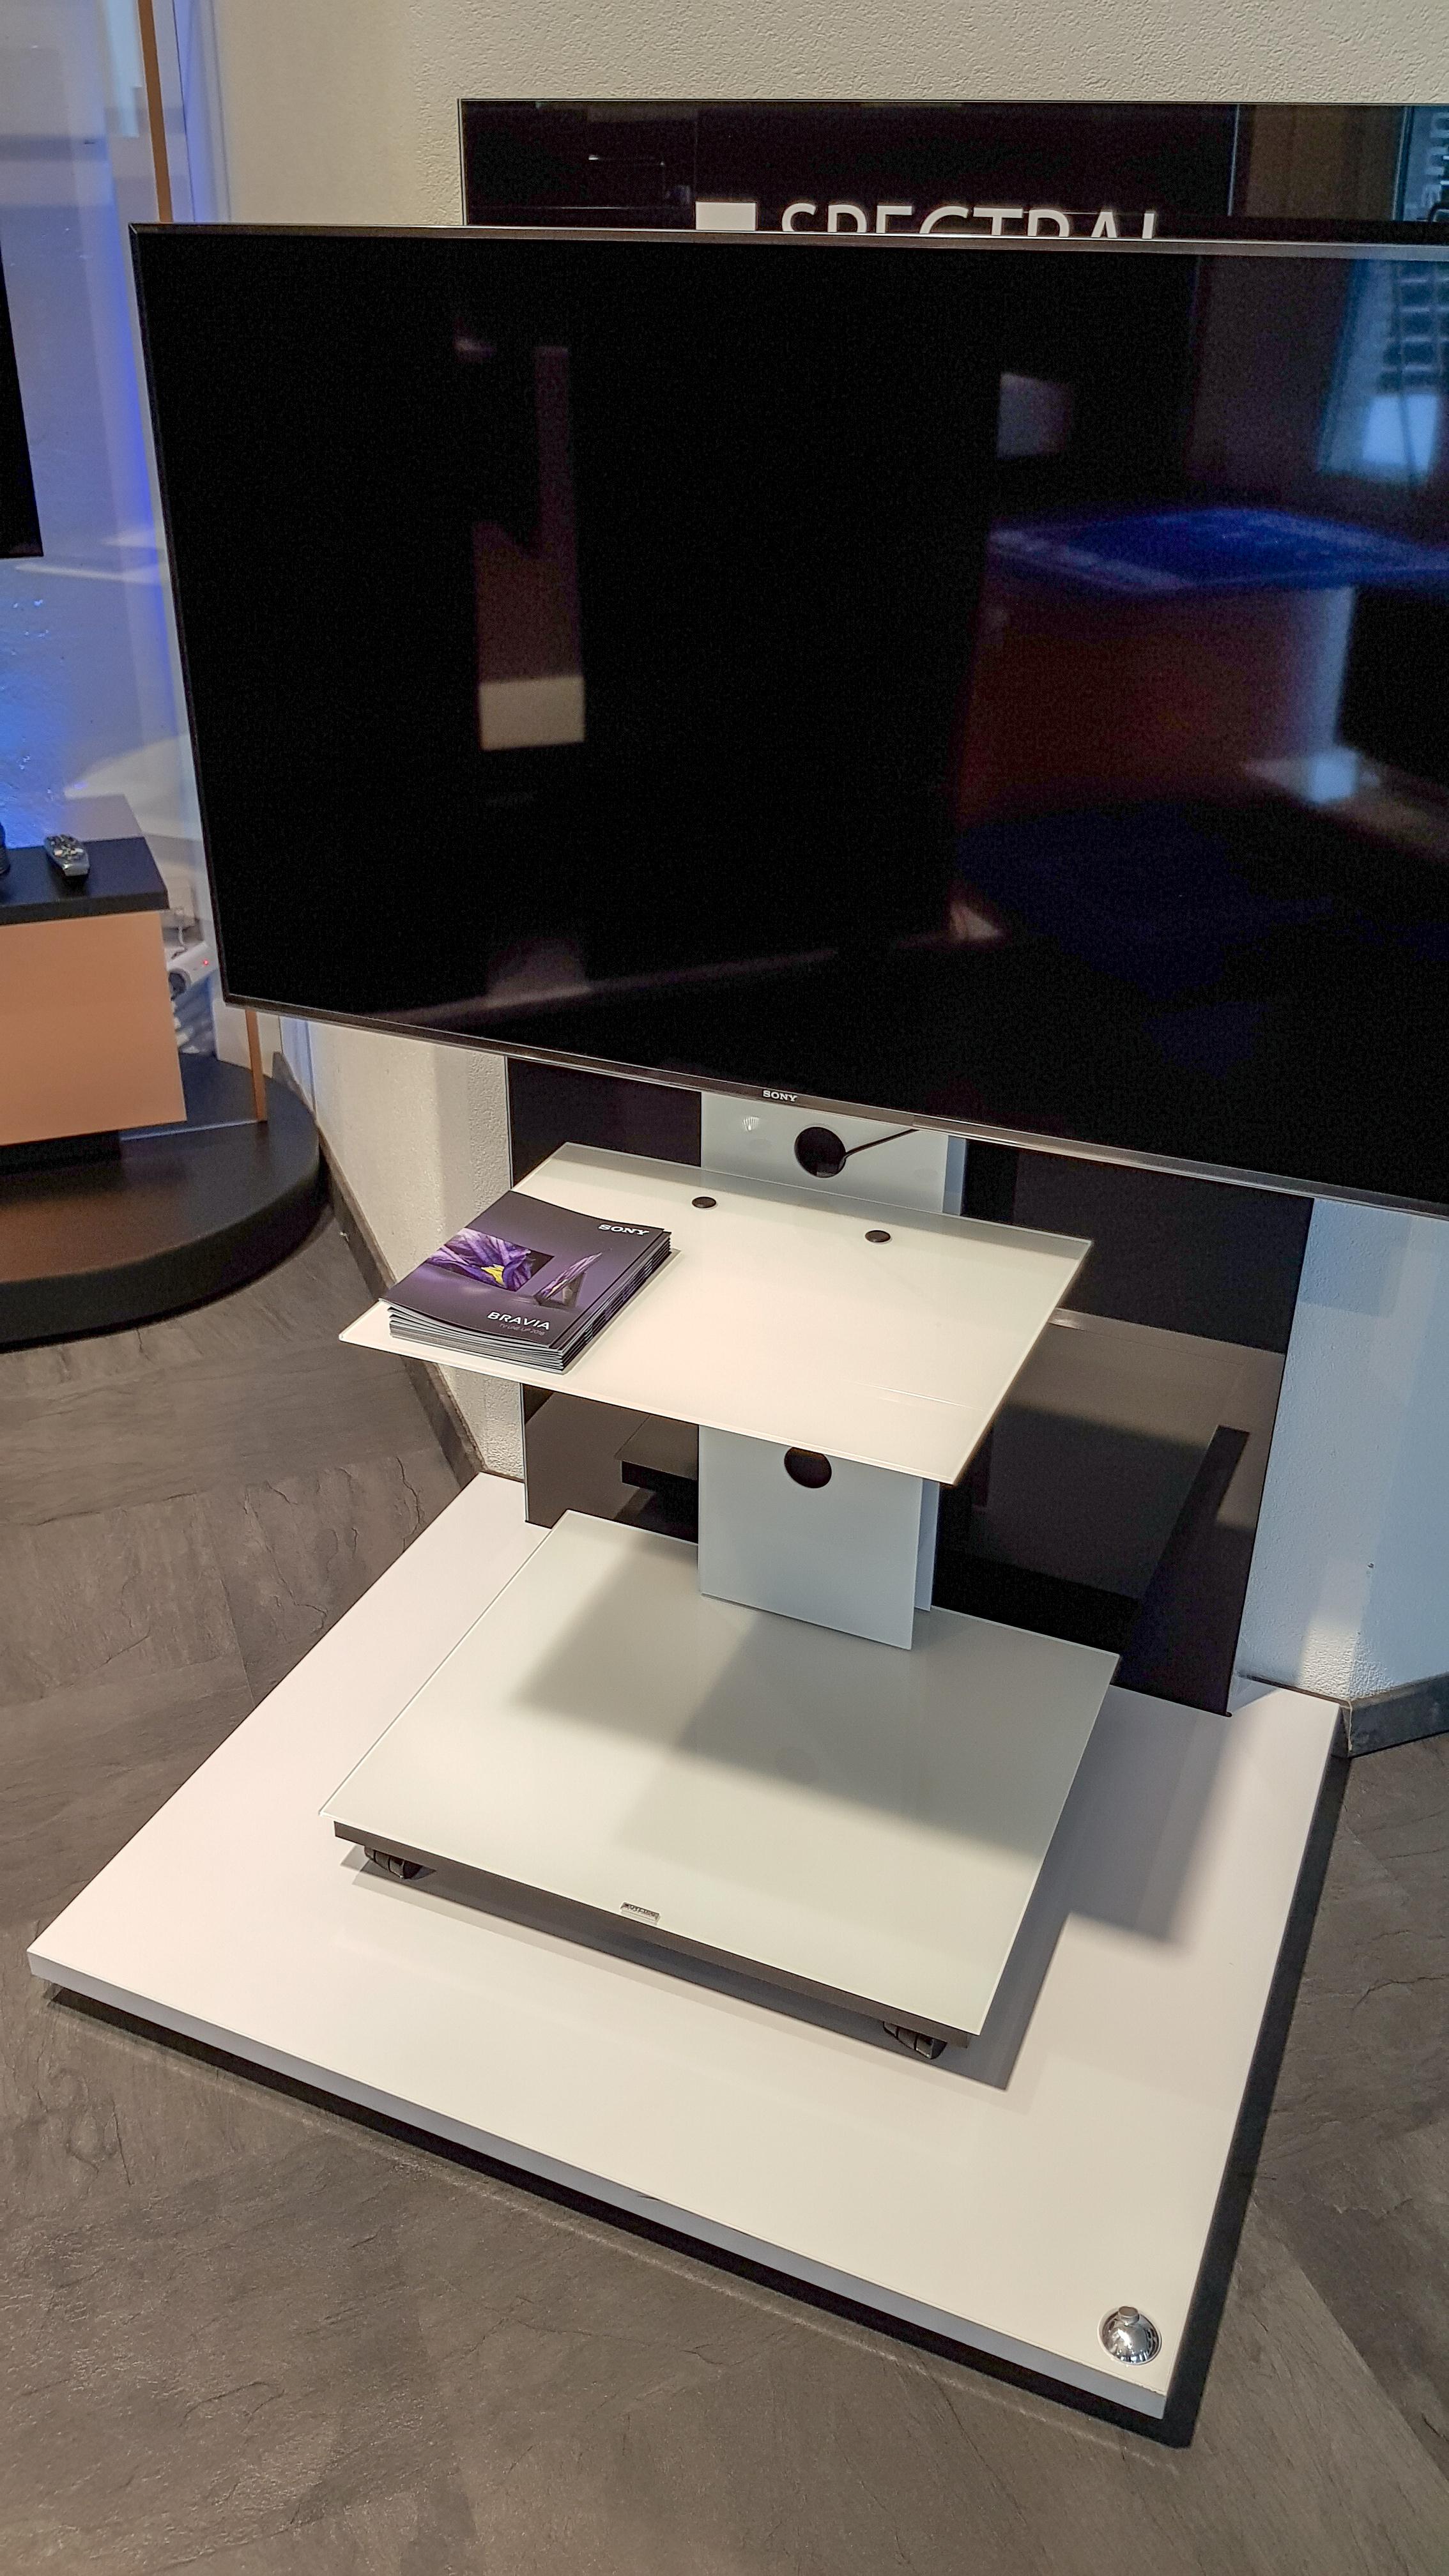 Spectral Möbel Outlet Auf Der Suche Nach Showroom Modellen Demo Tv